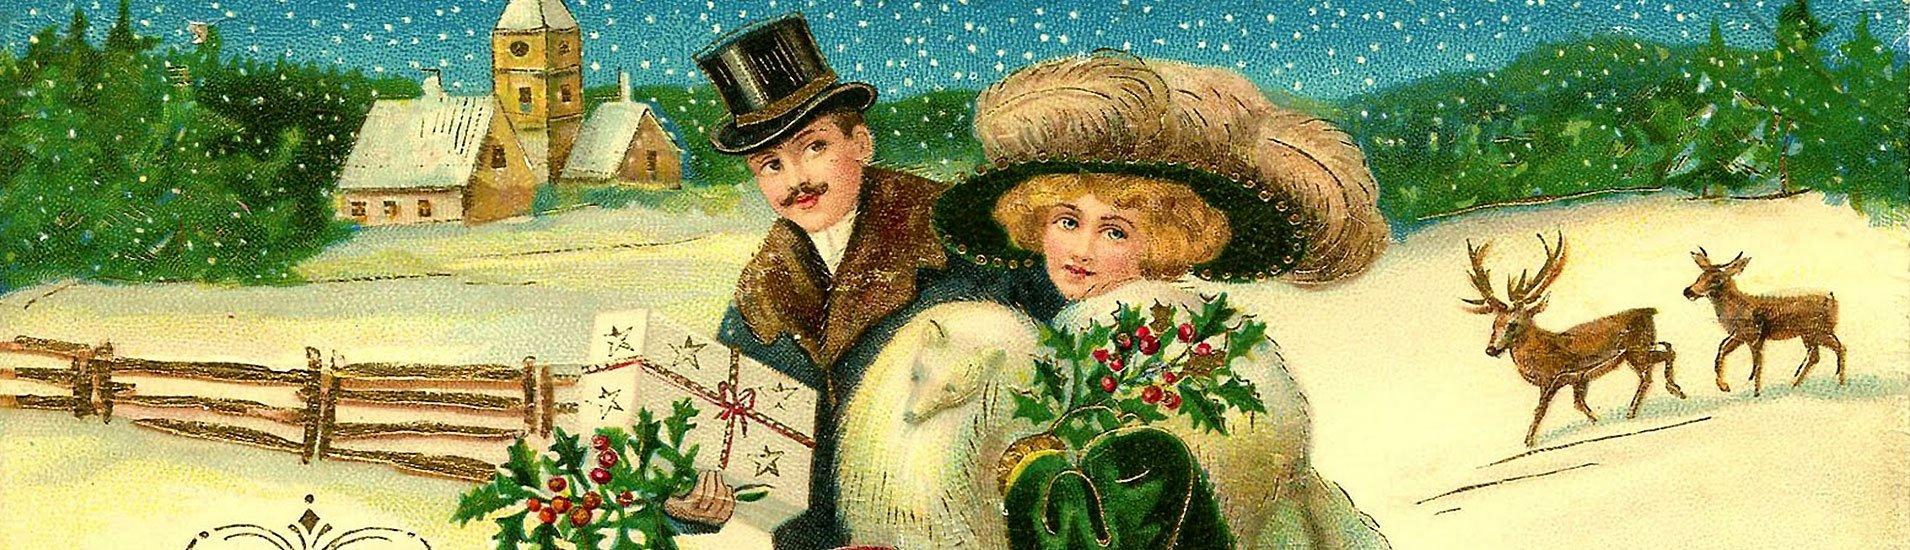 PMM-Christmas-image-2015